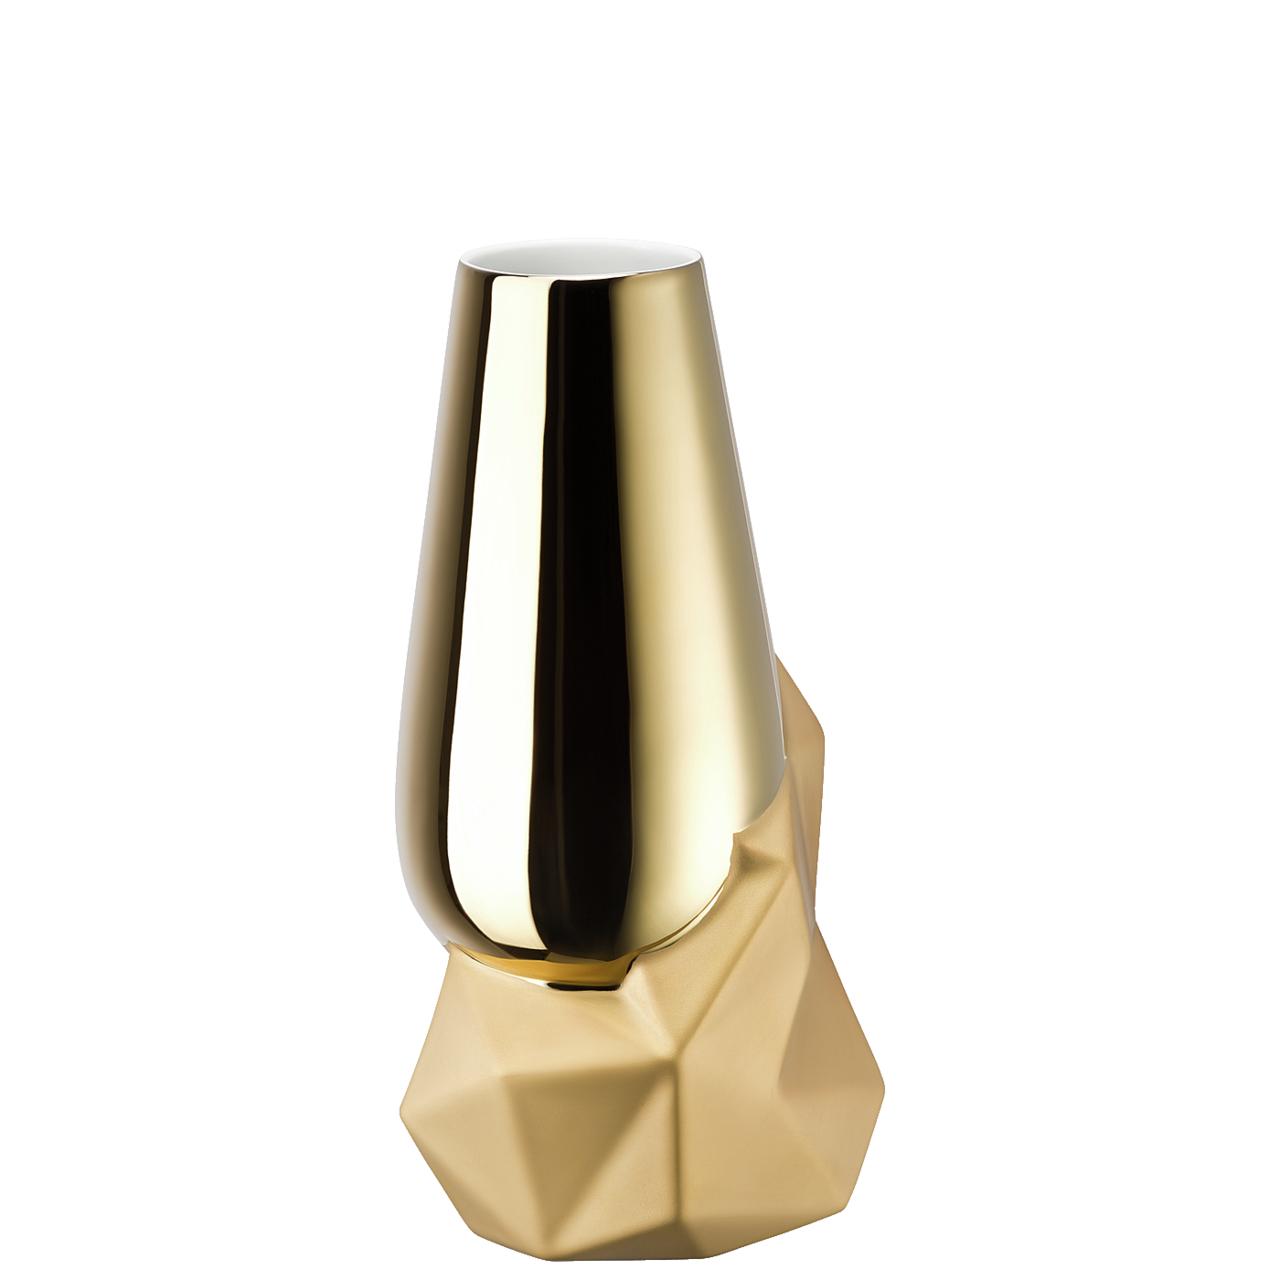 Vase 27 cm Geode Gold titanisiert Rosenthal Studio Line